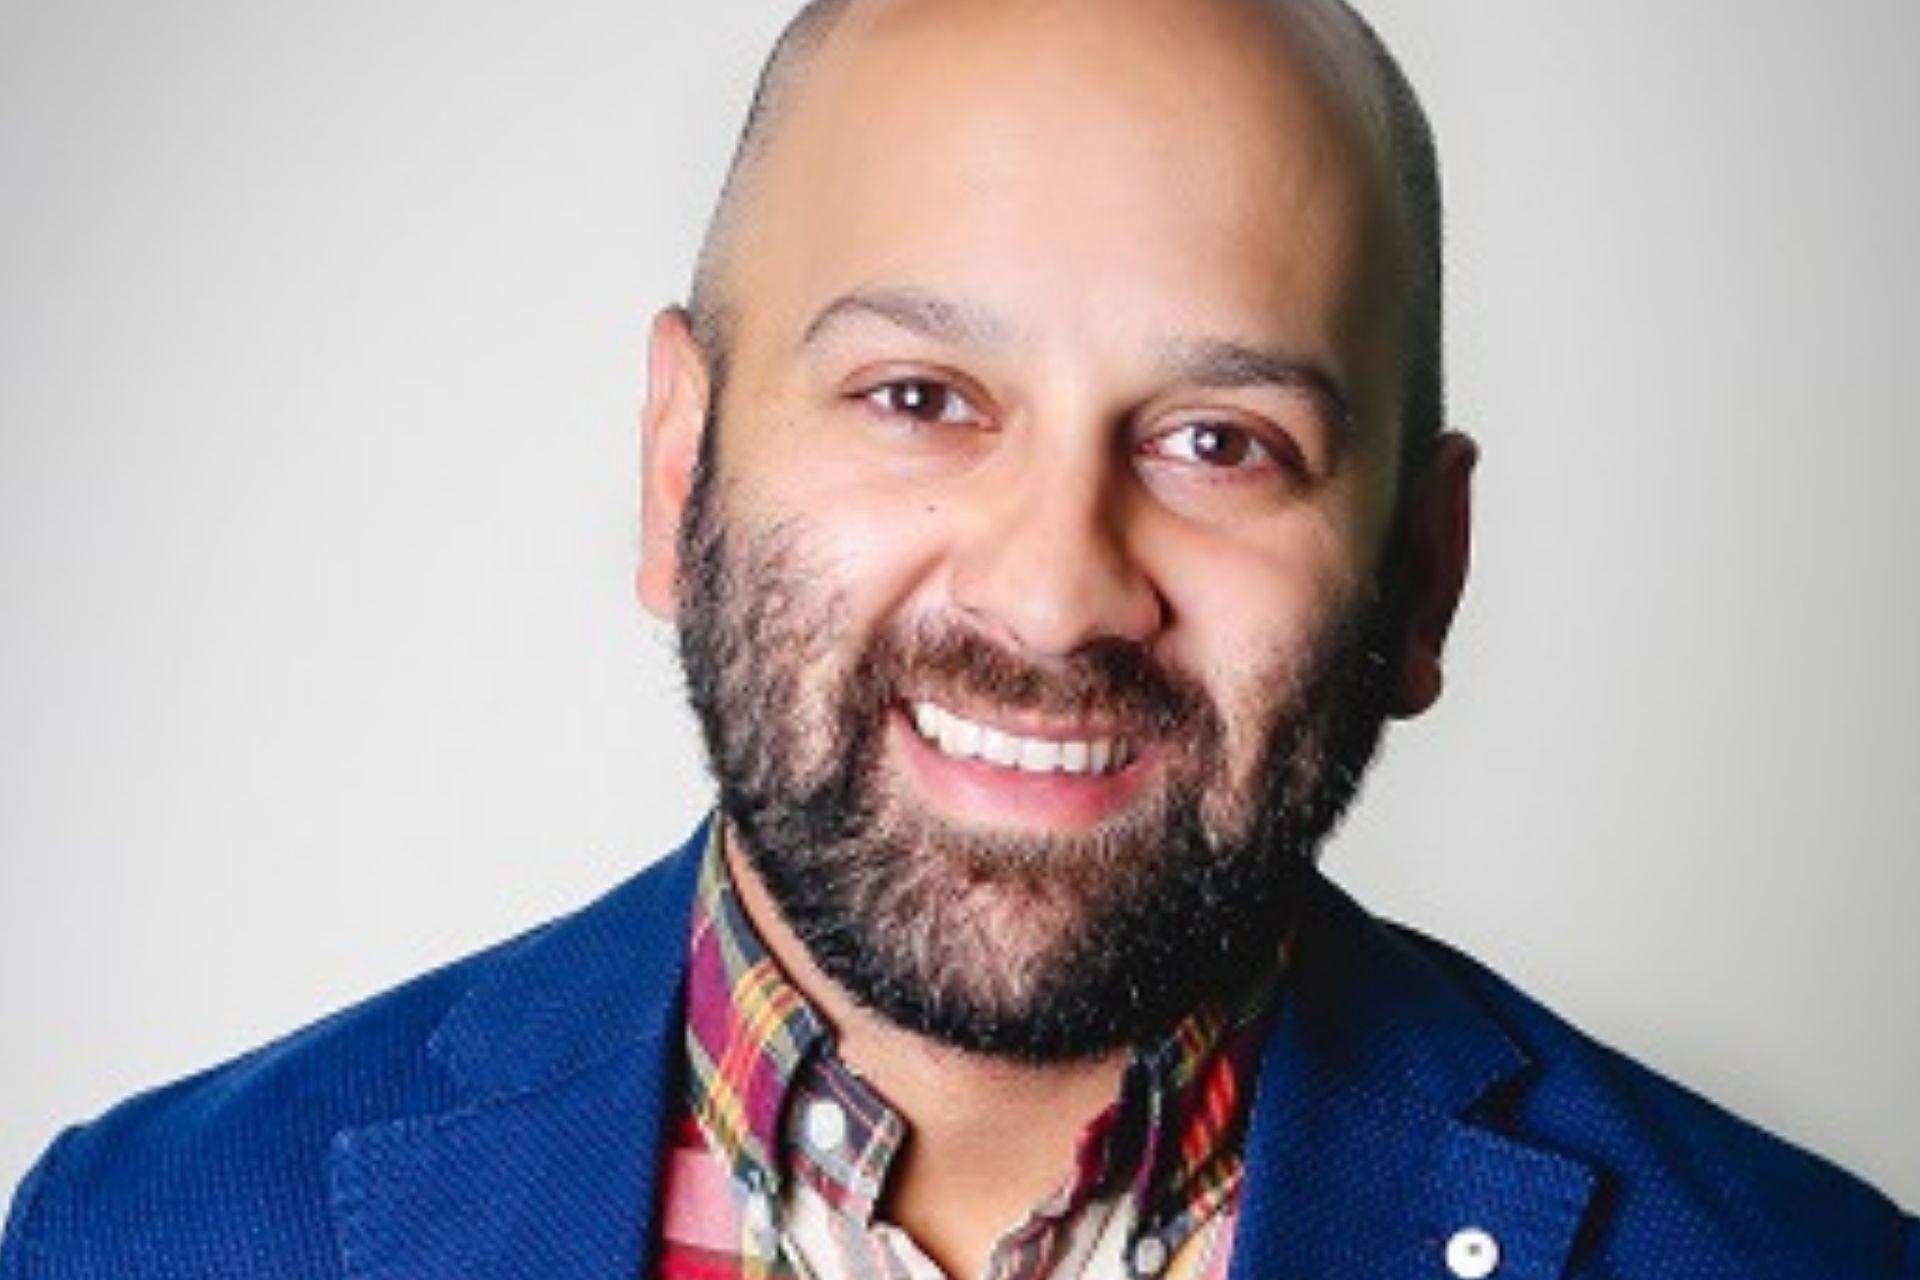 Nir Patel, Belk CEO